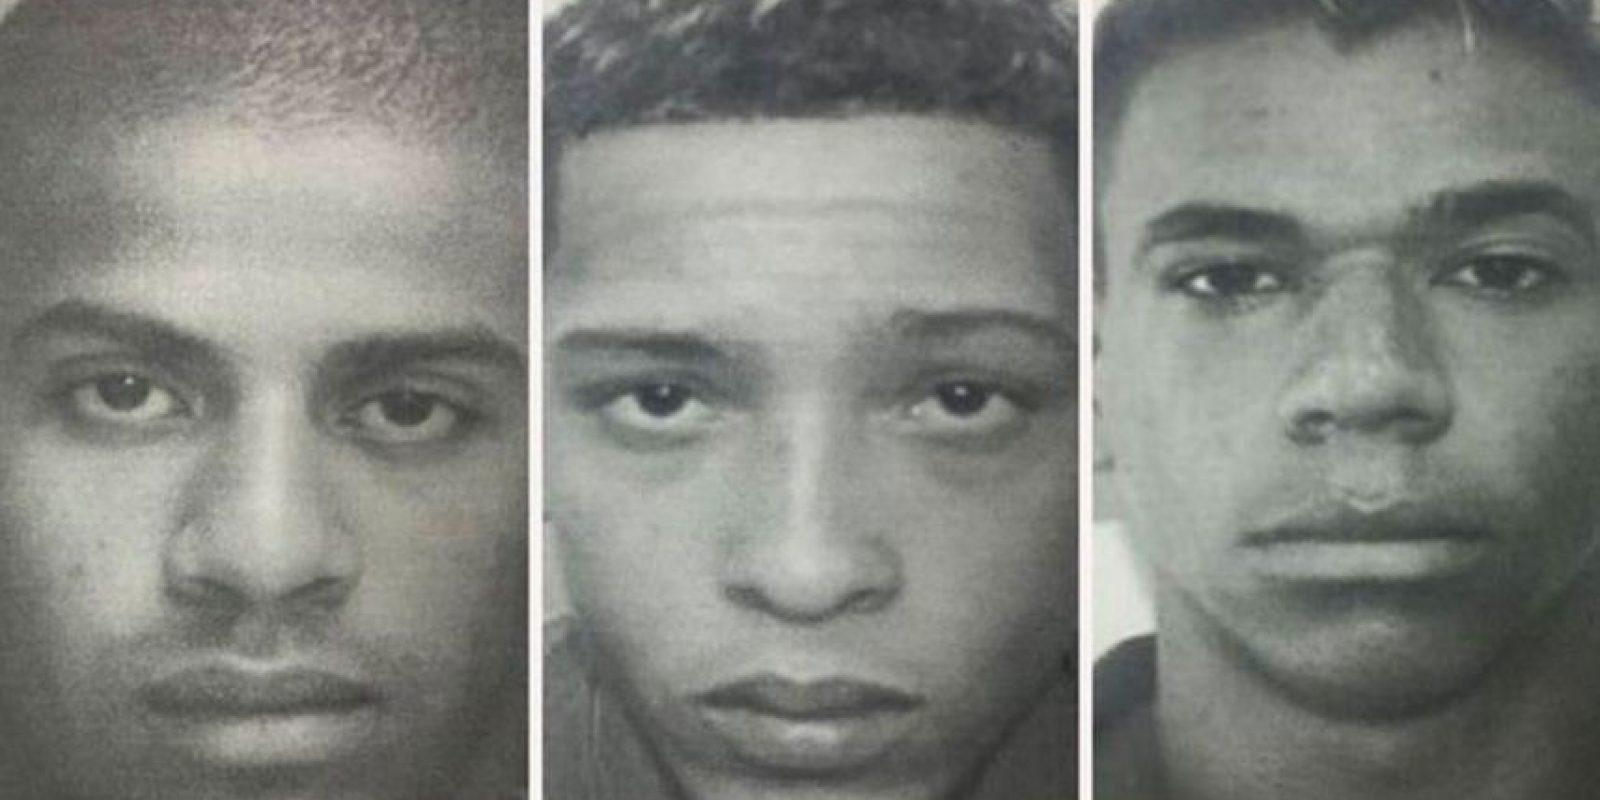 Estos son seis de los más de 30 violadores de una chica de Brasil Foto:Policía de Brasil